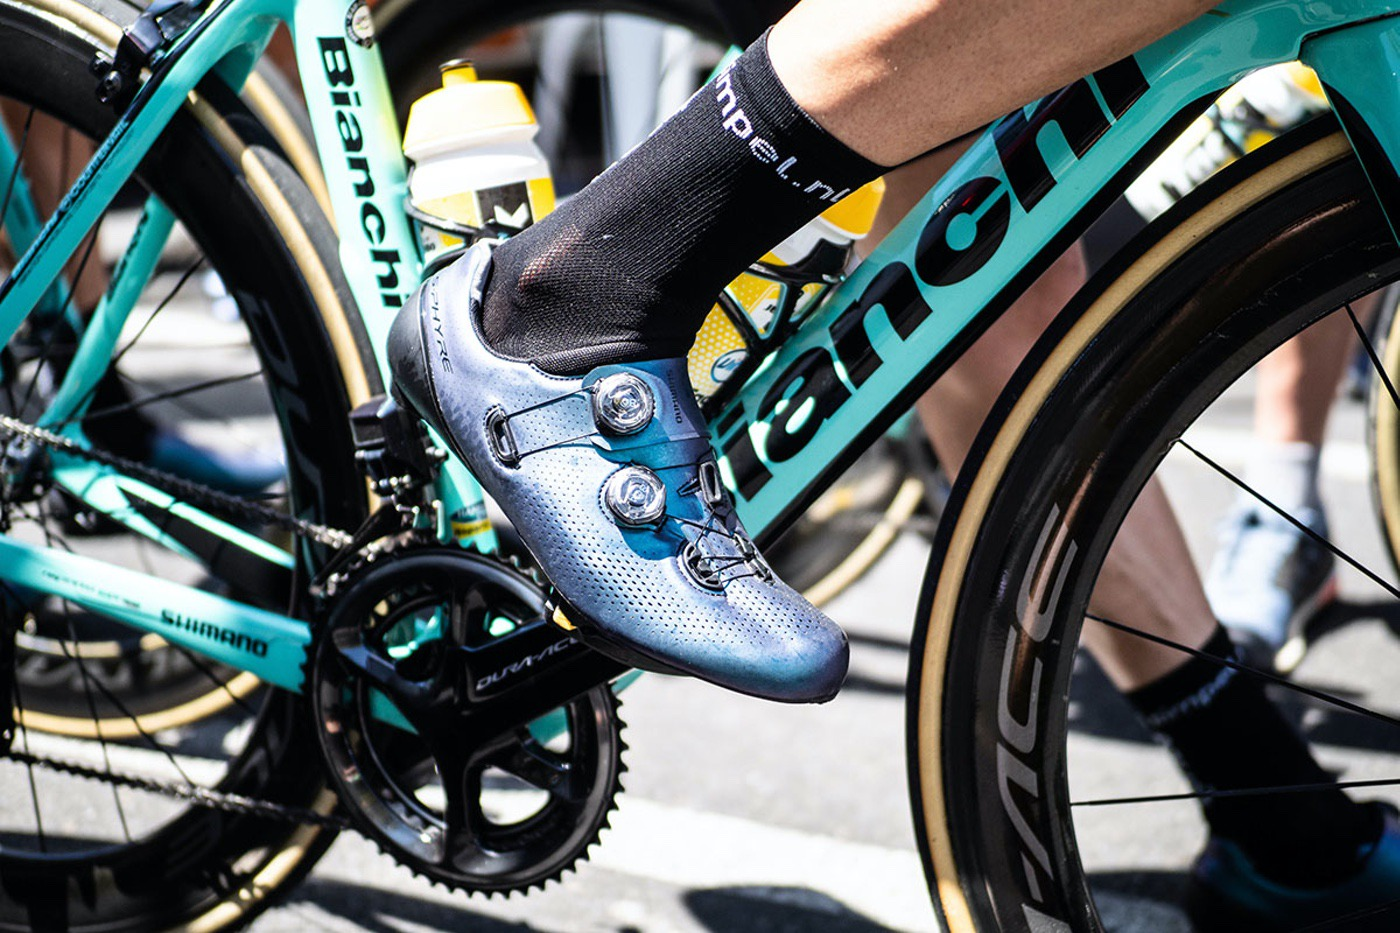 Zapatillas Shimano Aurora S-PHYRE RC9